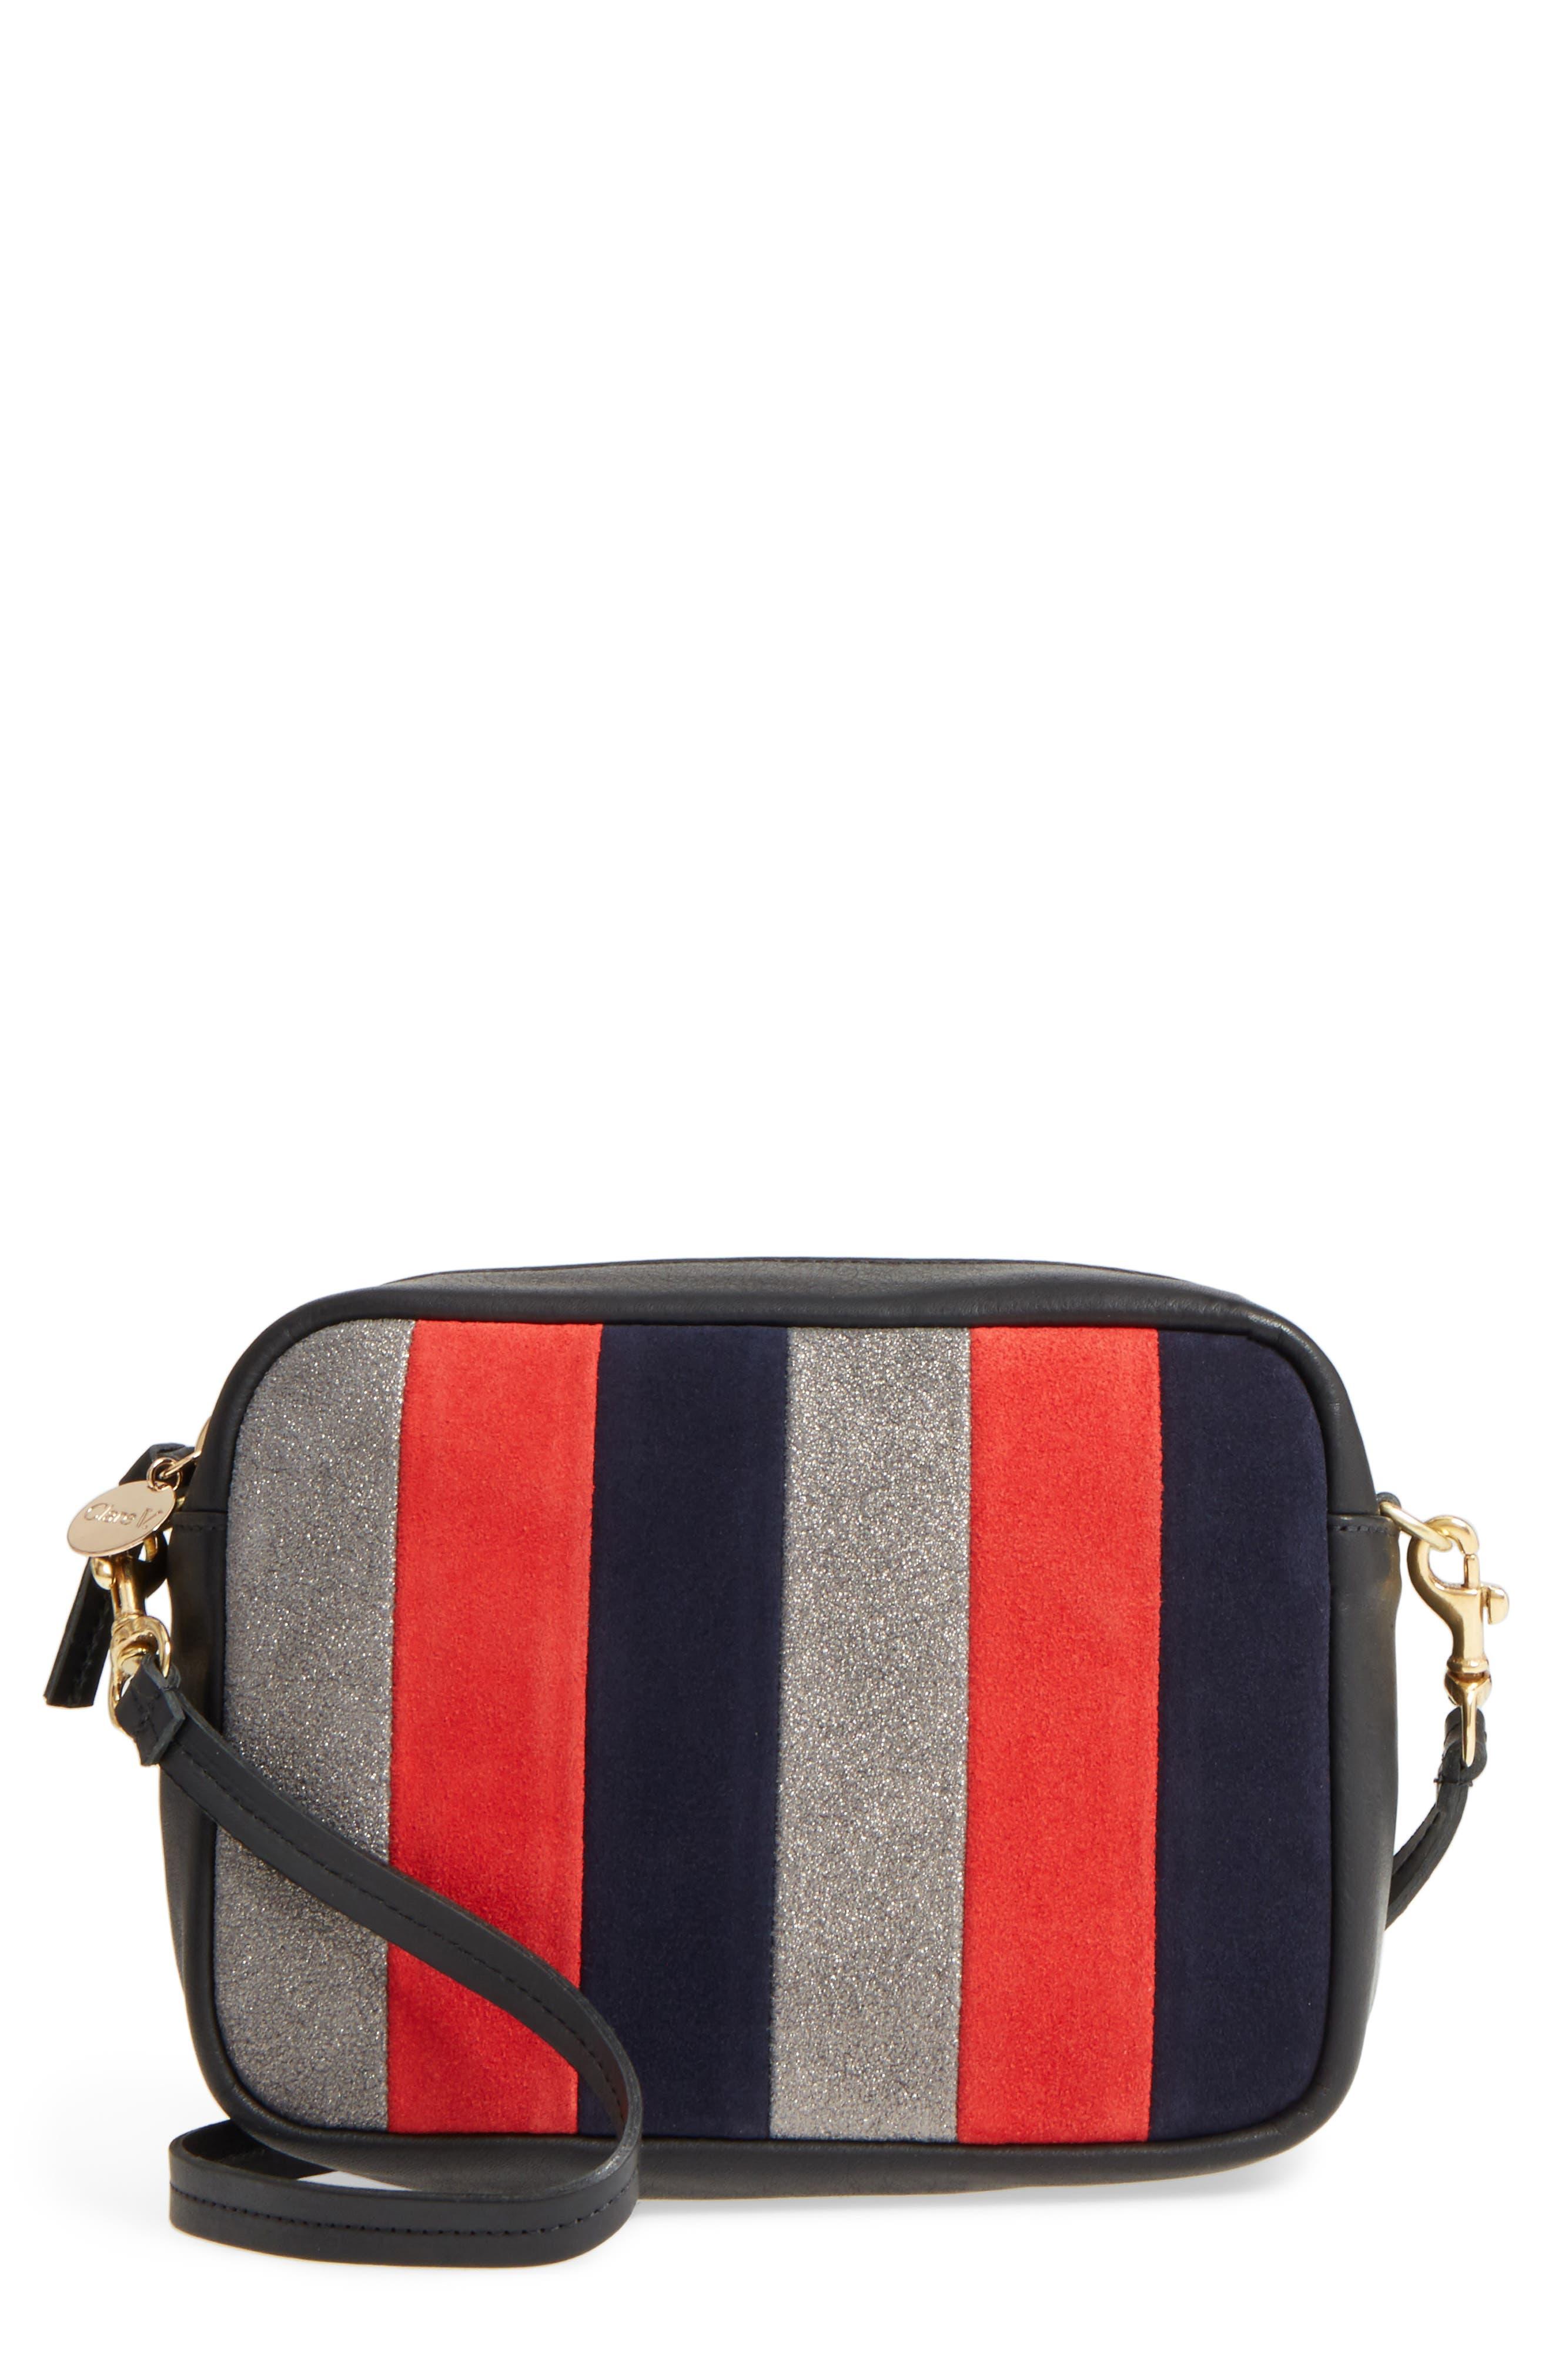 Clare V. Midi Sac Stripe Leather Crossbody Bag